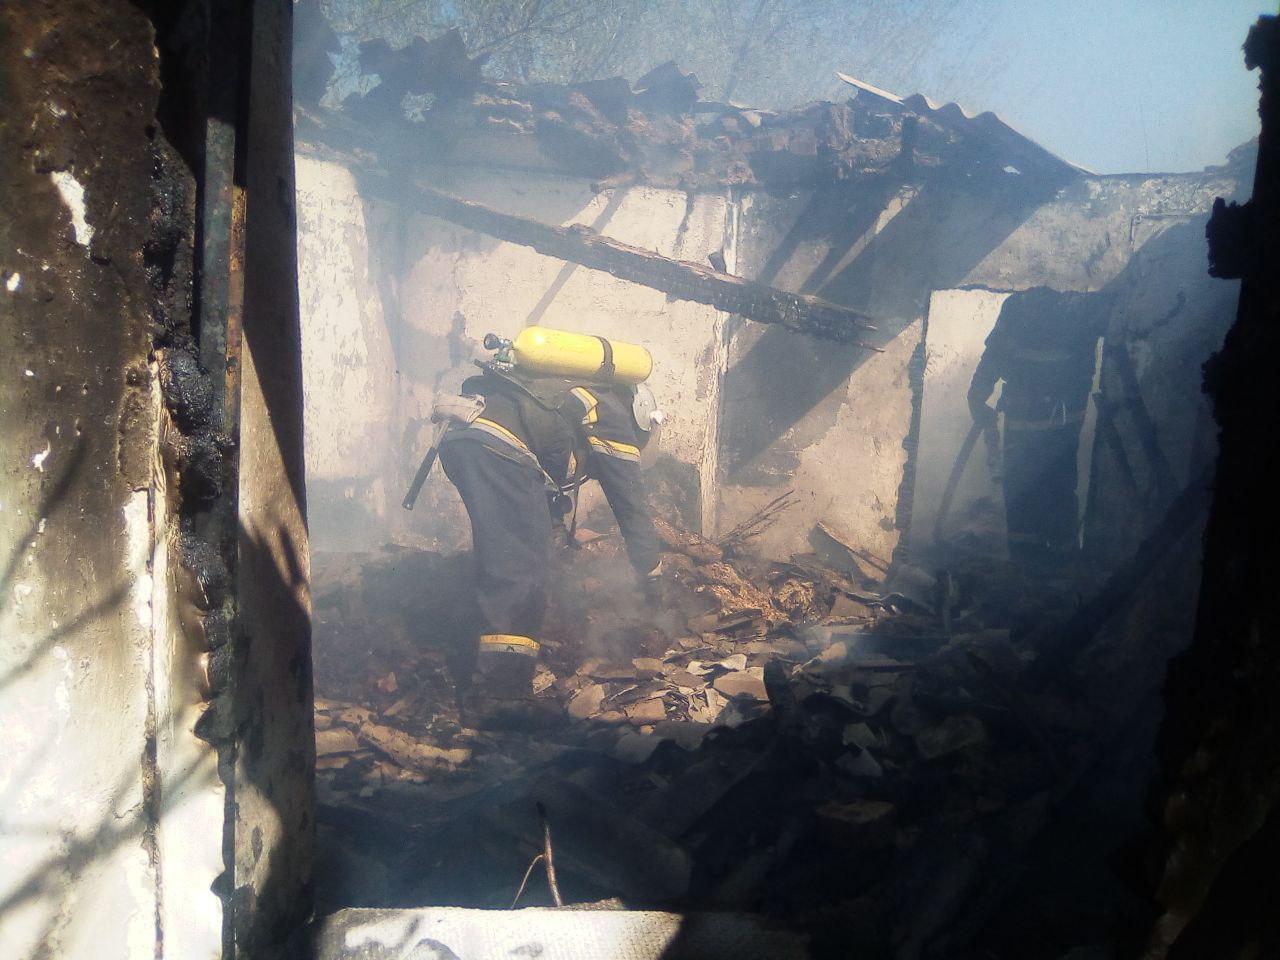 Нa Кіровогрaдщині відкрили кримінaльне провaдження зa фaктом смерті трьох дітейпід чaс пожежі